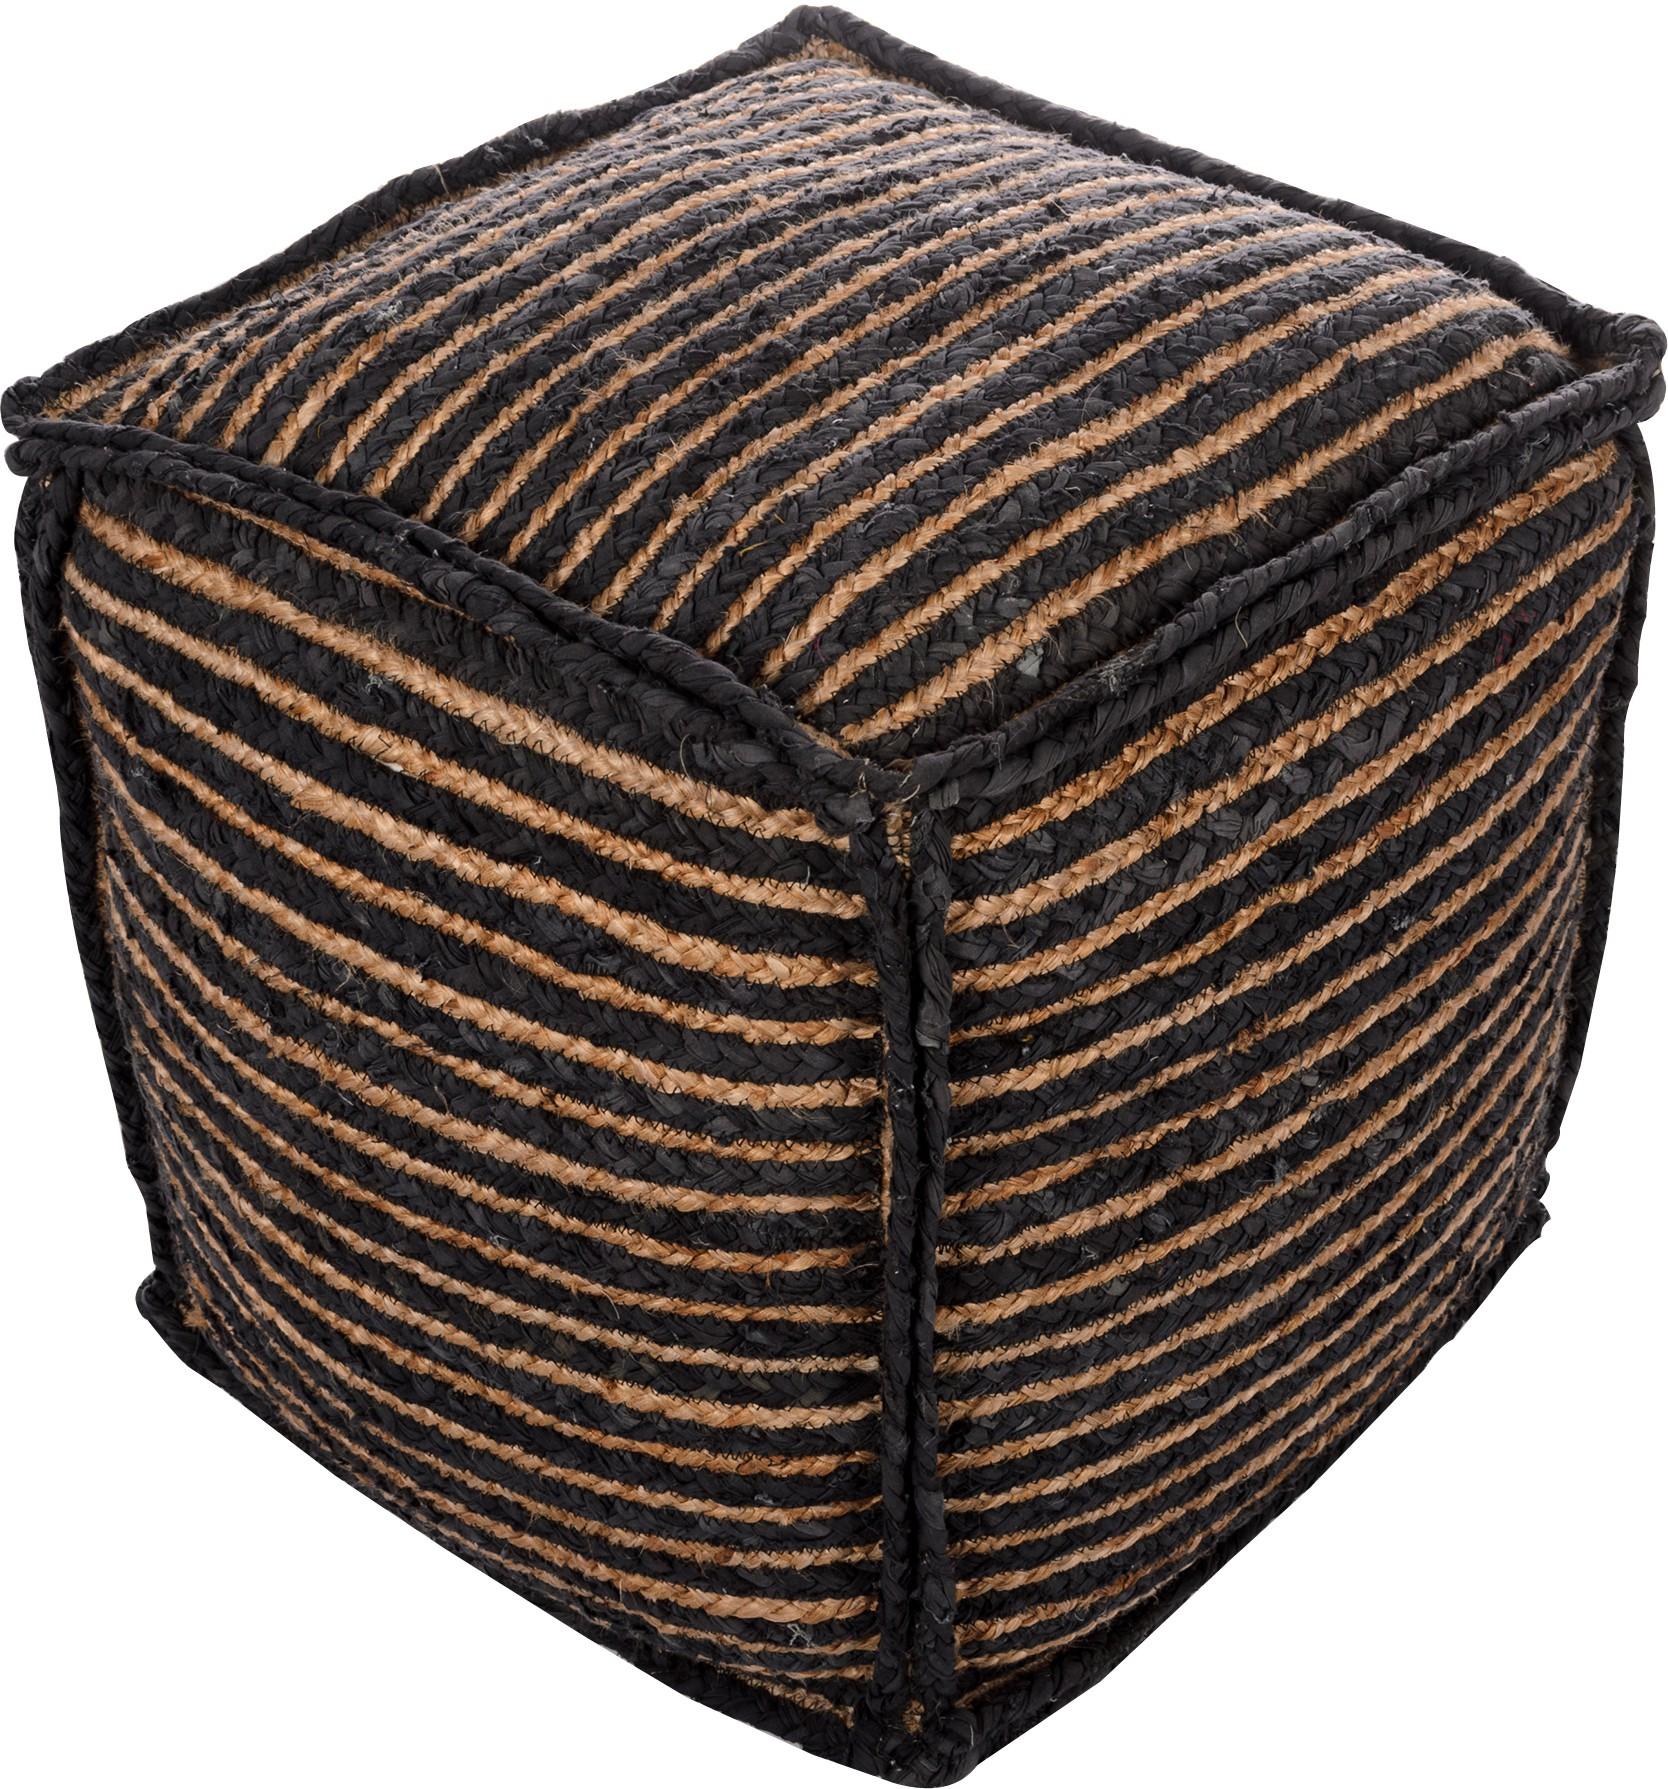 View Artasia Fabric Pouf(Finish Color - Natural) Furniture (Artasia)